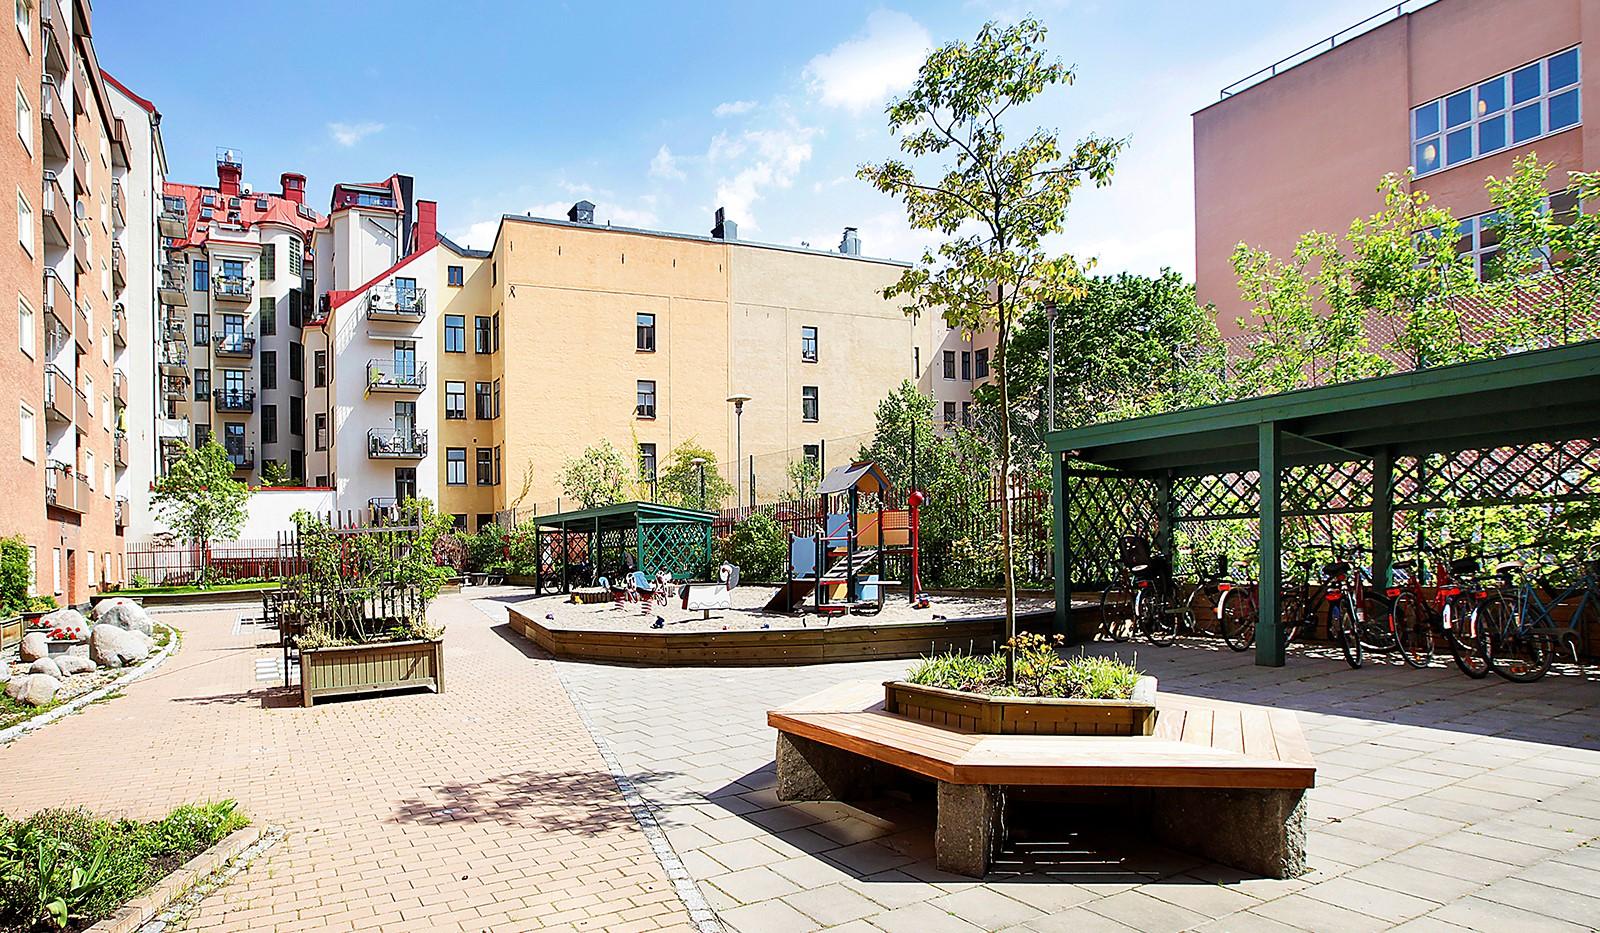 Hornsgatan 35 - Snart är sommaren här